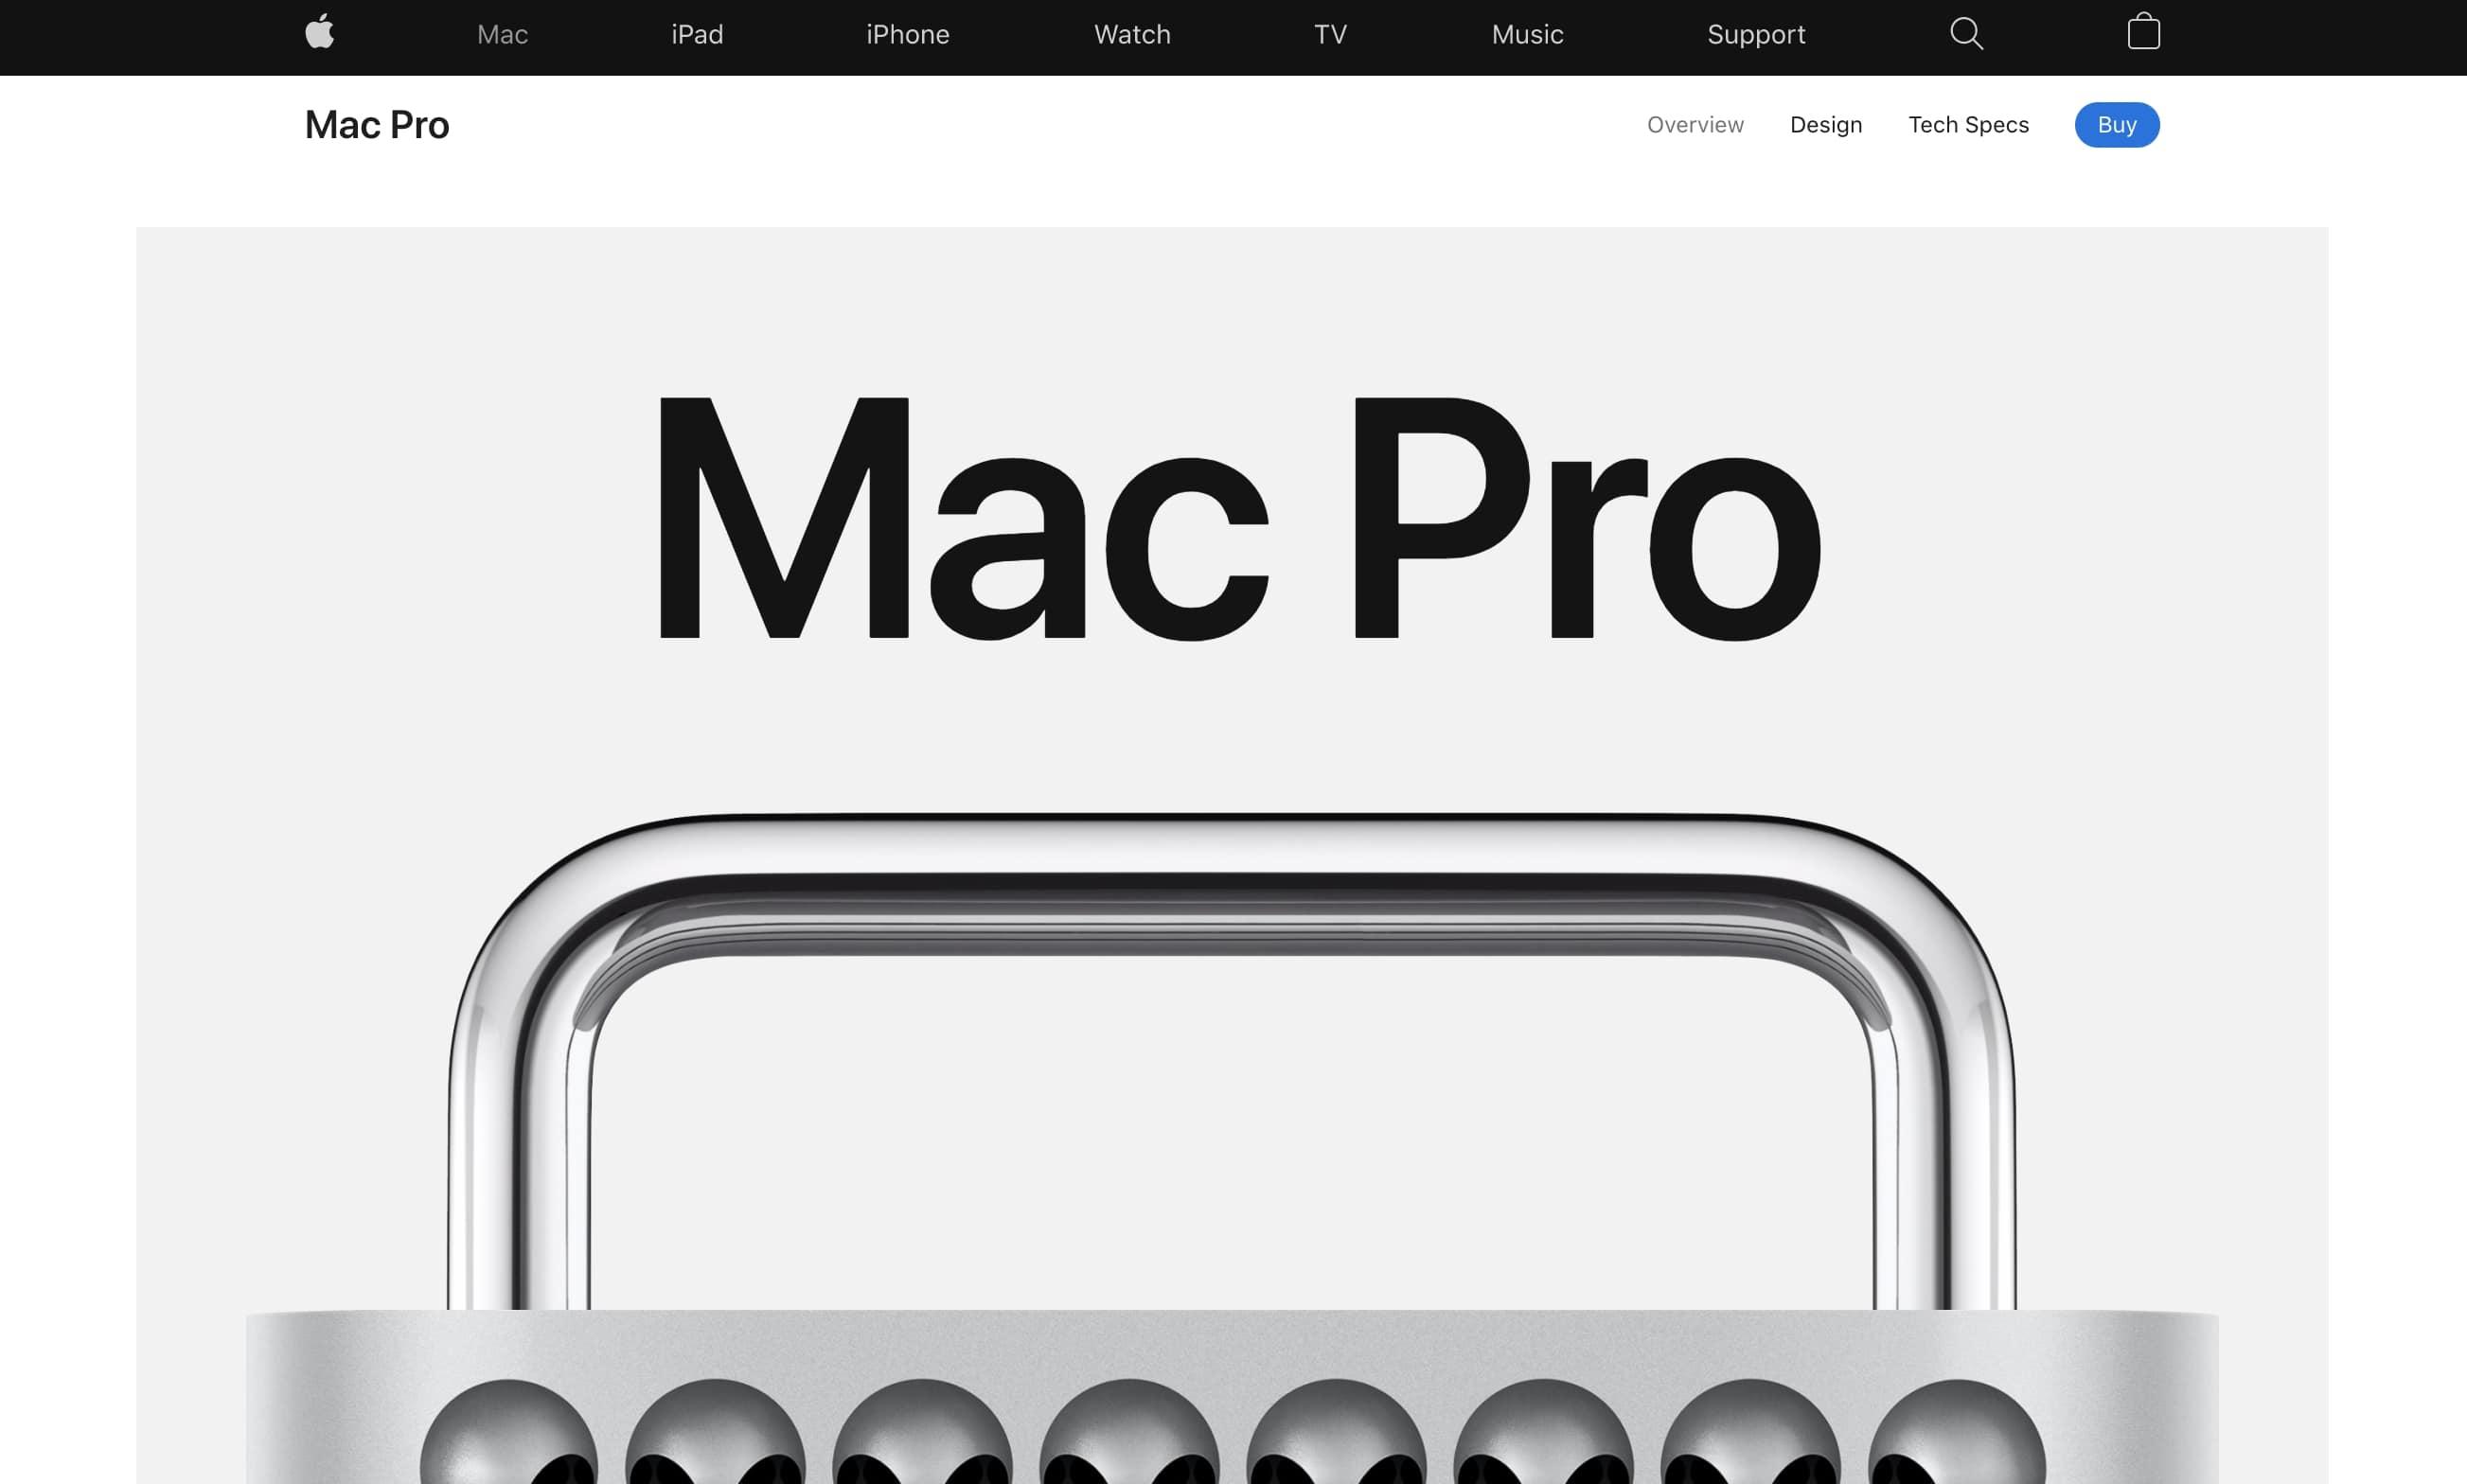 蘋果Mac Pro登陸頁